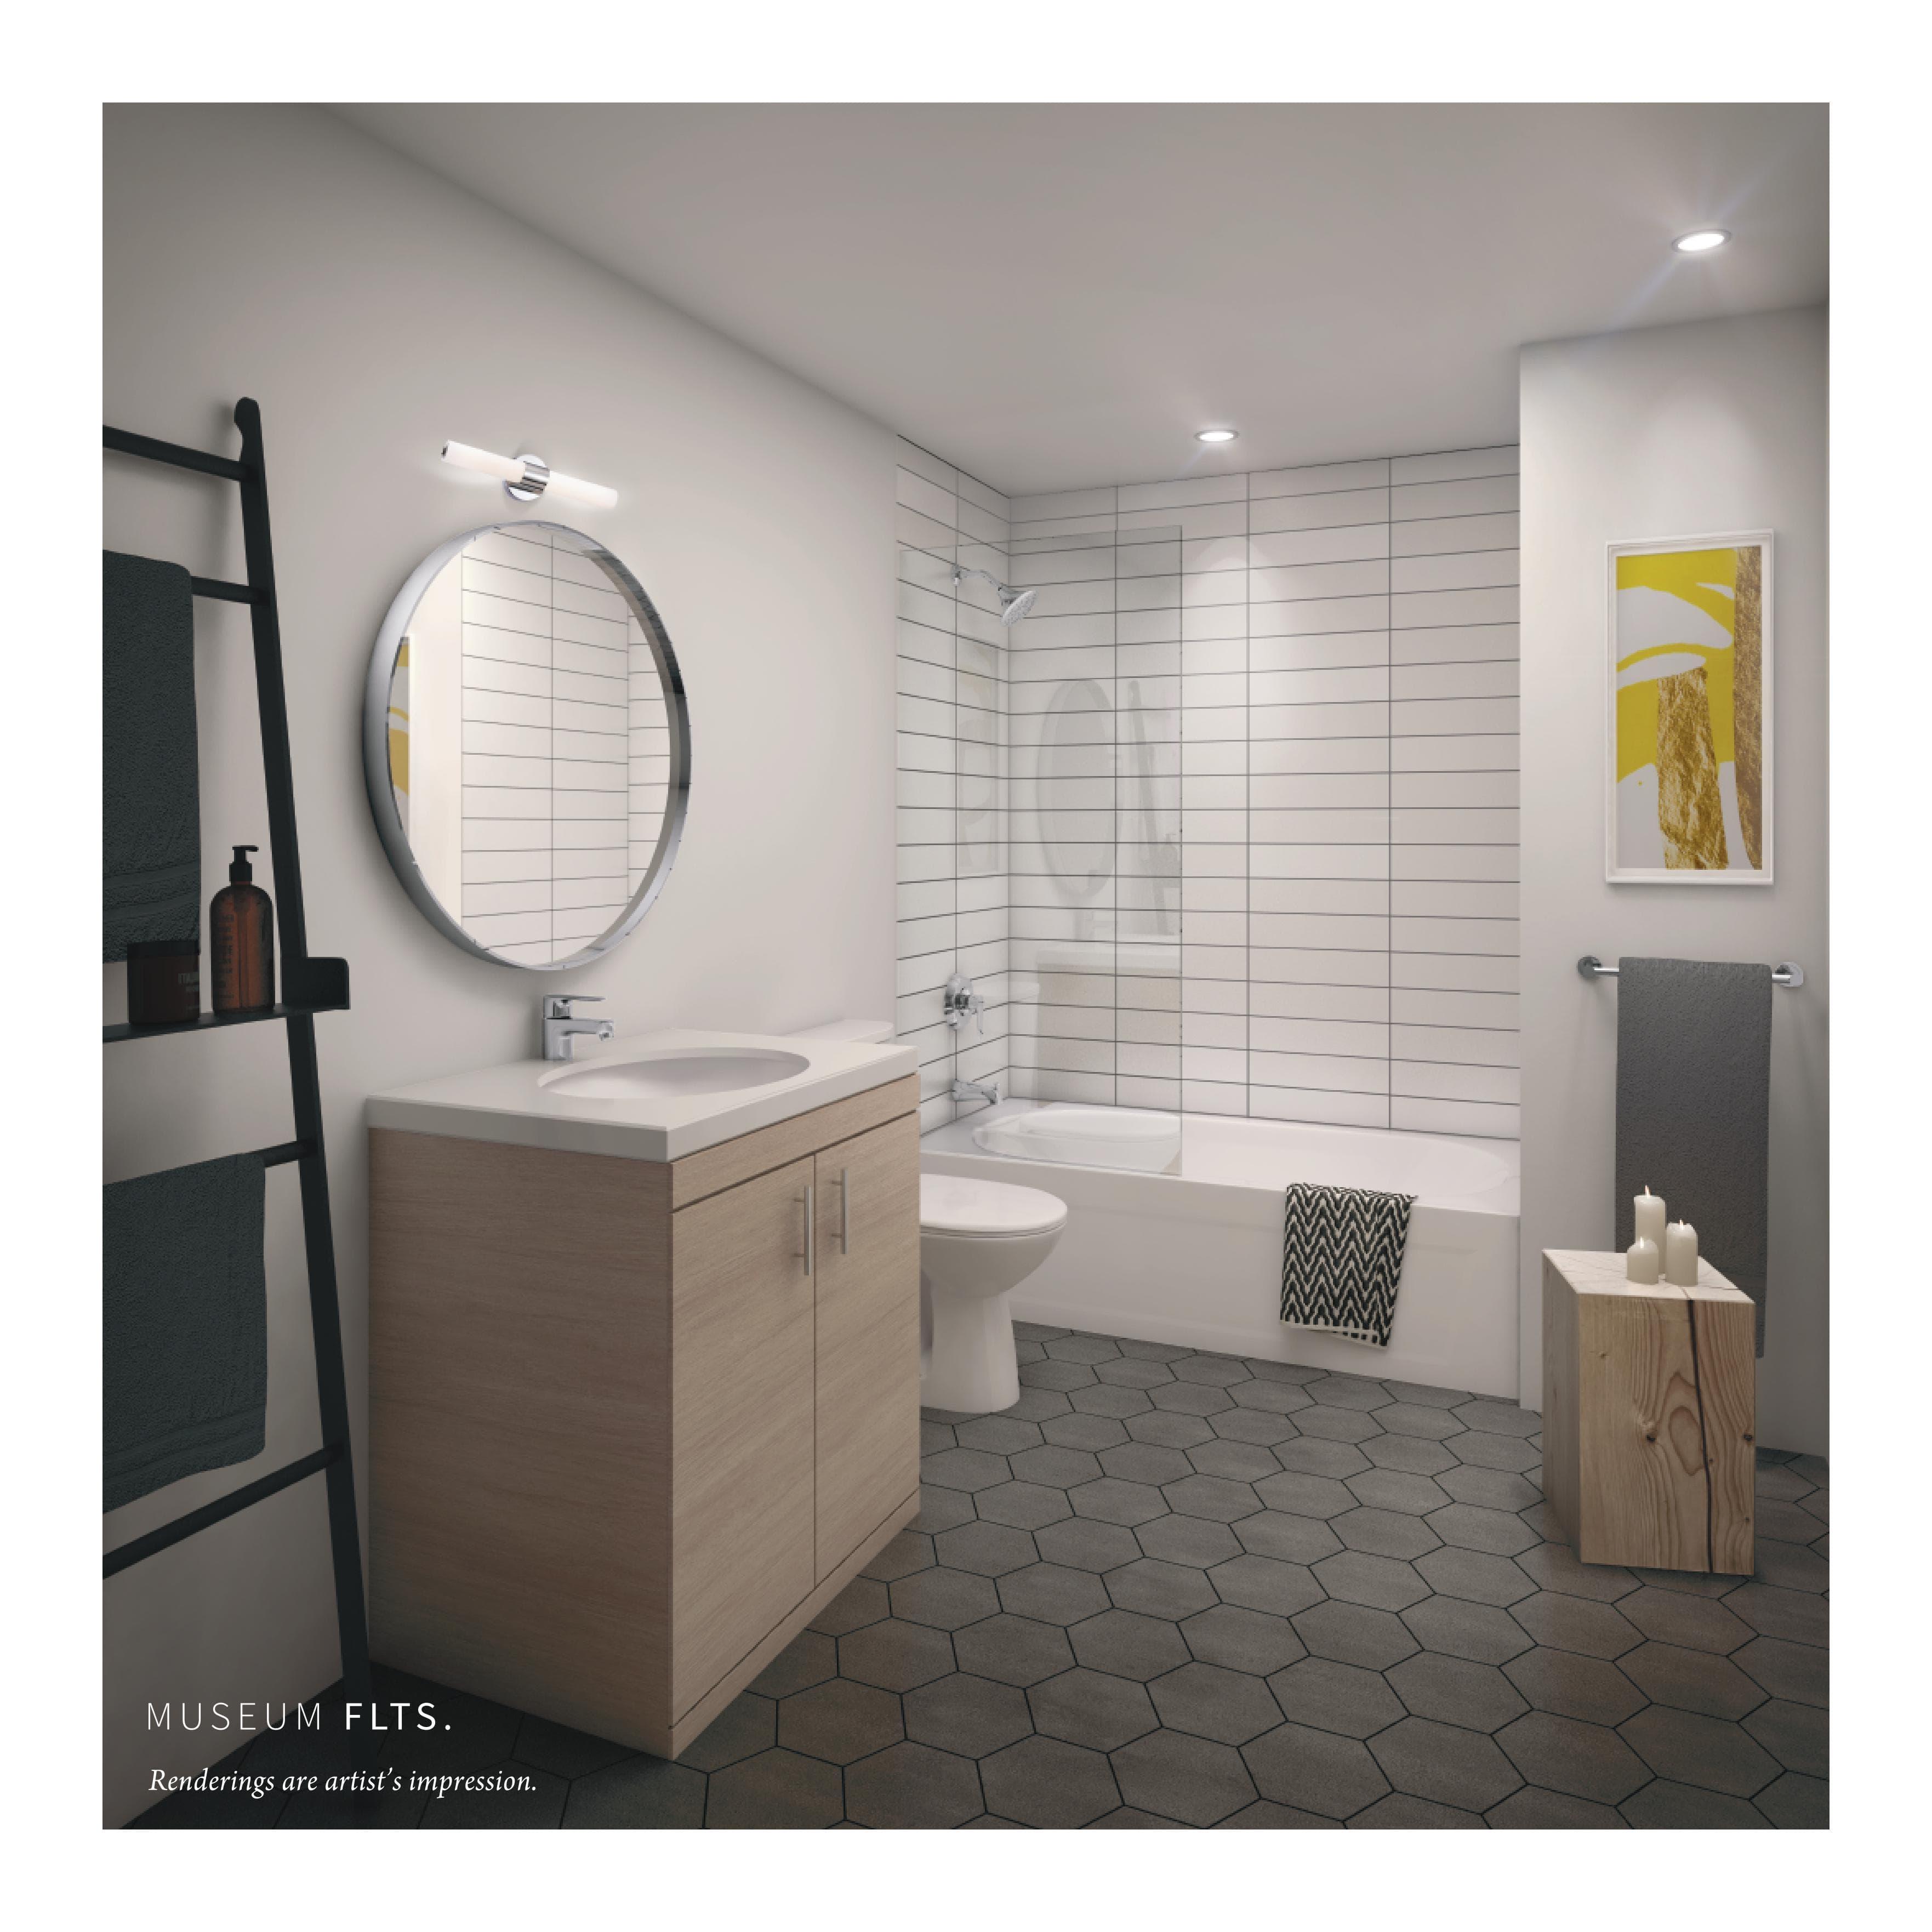 Museum FLTS Condos Bathroom Toronto, Canada